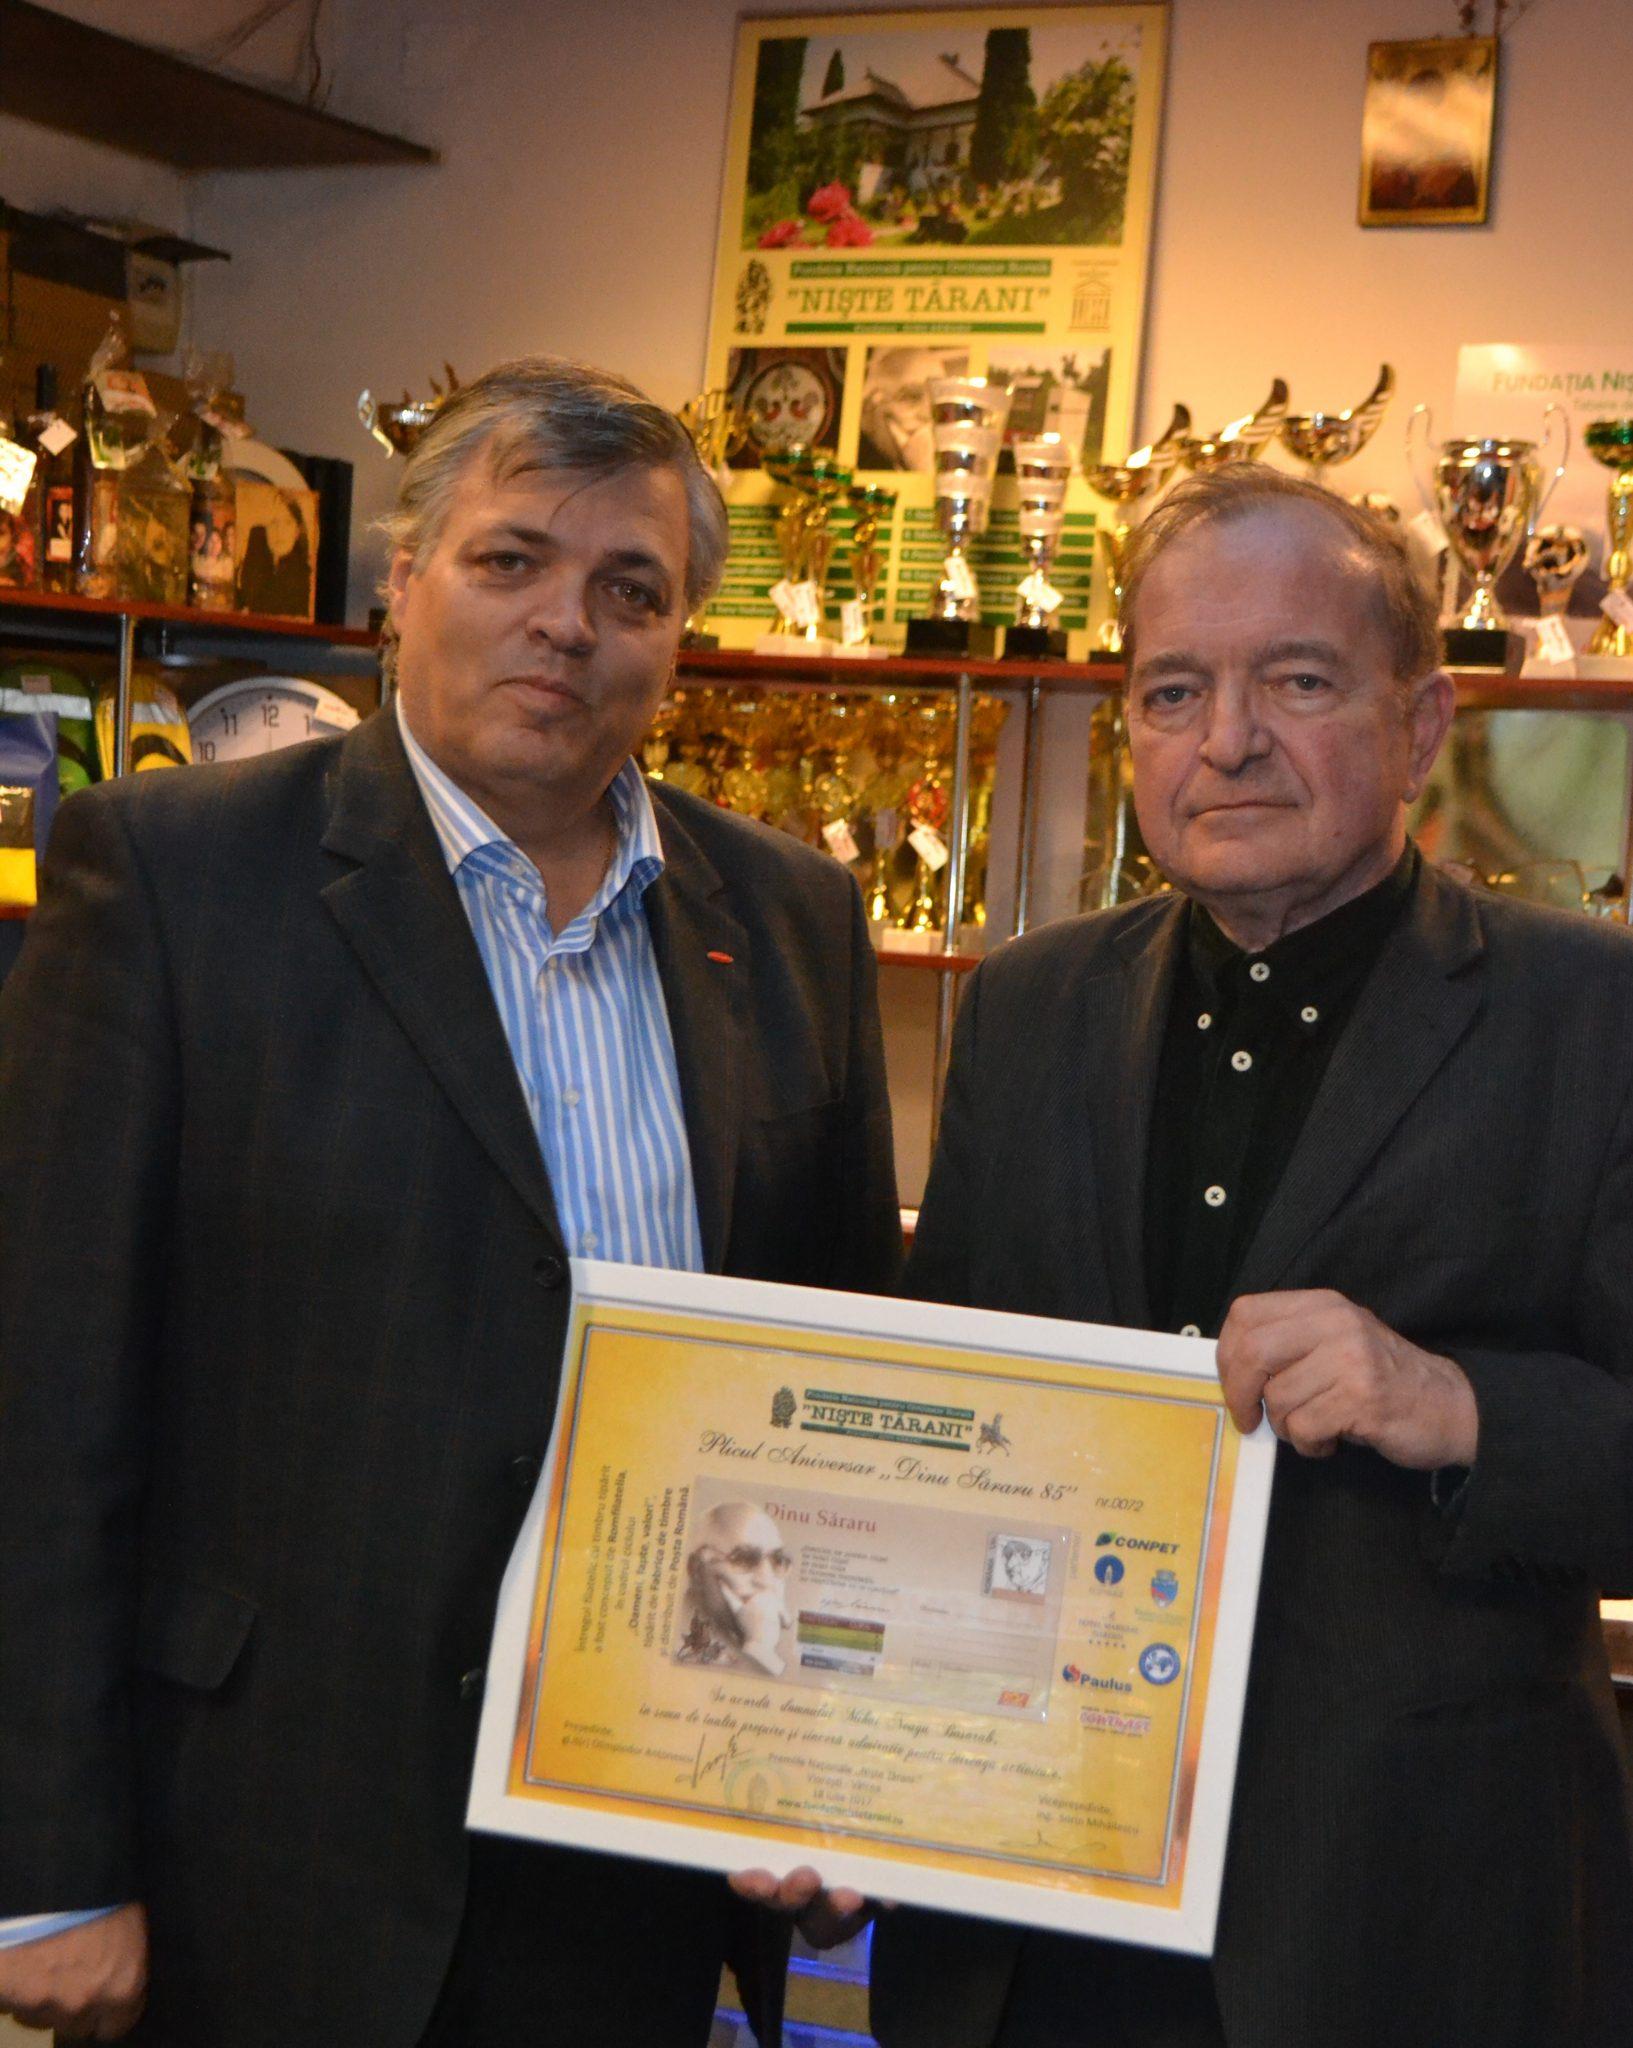 Directorul Bibliotecii Române din Freiburg , Mihai Neagu Basarab primește o donație de carte de la vicepreședintele Fundației, Sorin Mihăilescu